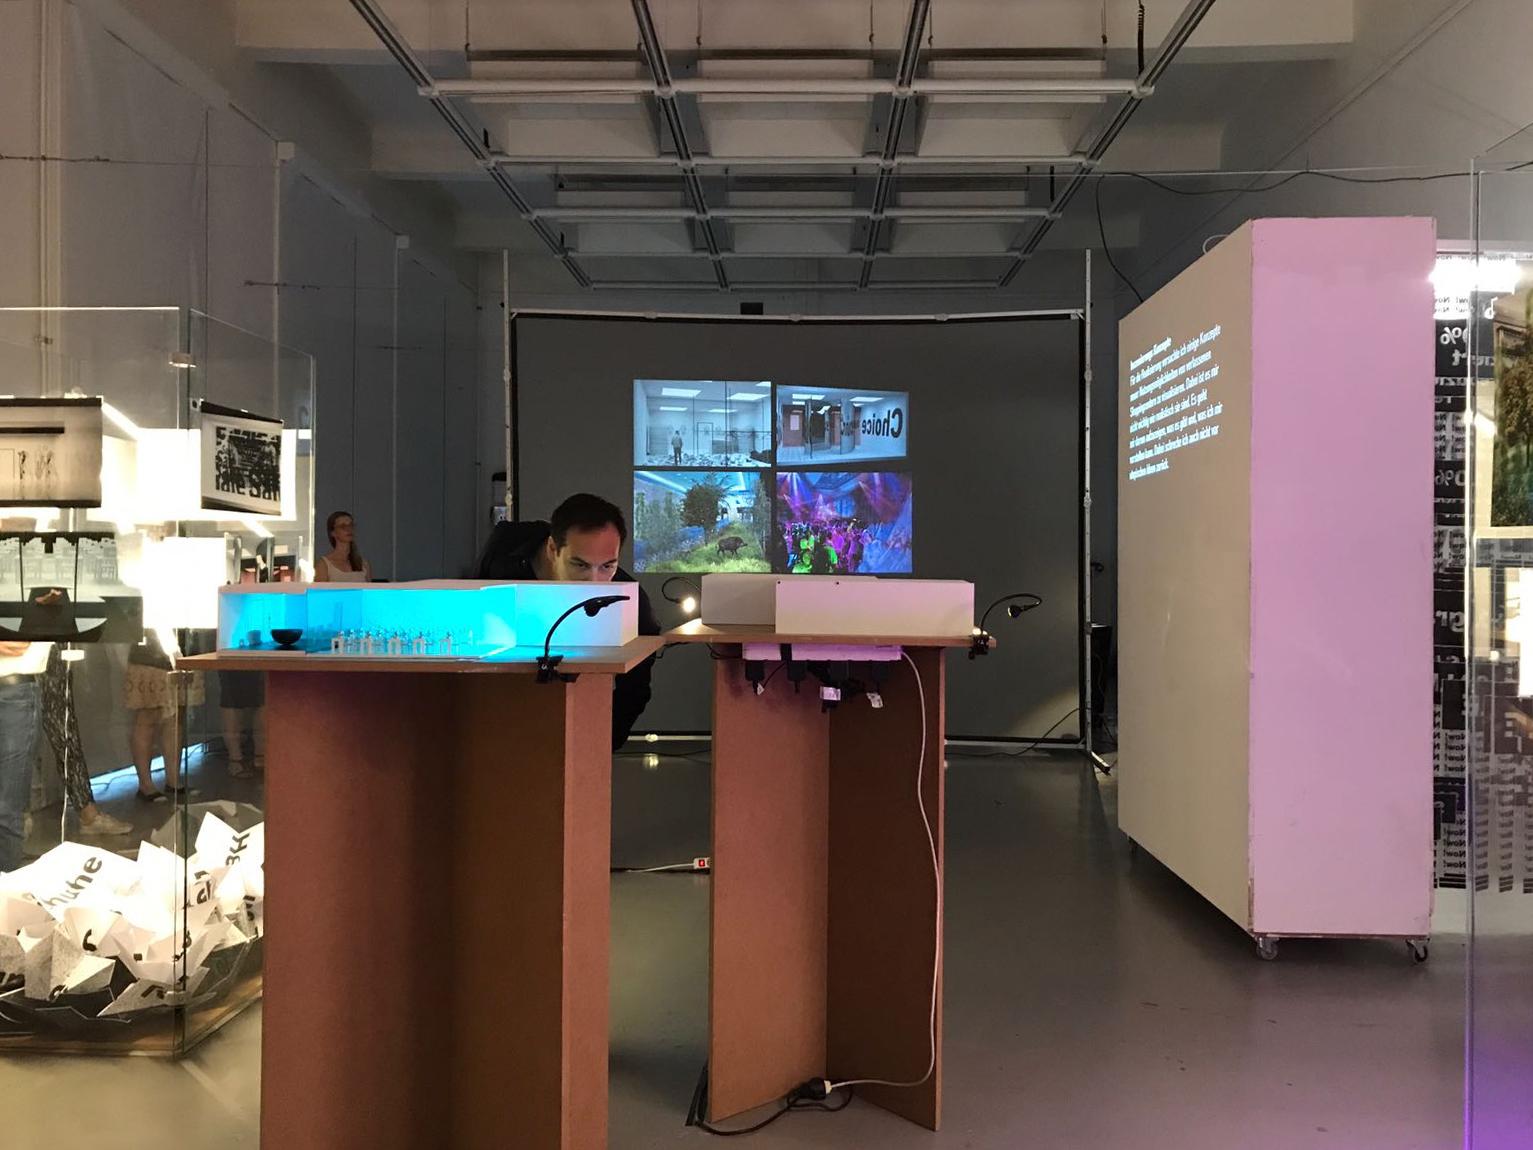 Ausstellung Präsentation Phaneomen Shoppingcenter Raumgestaltung Conceptdesign Inszenierung Reuse Kapitalismus Museum Shopdesign Mall Modelle